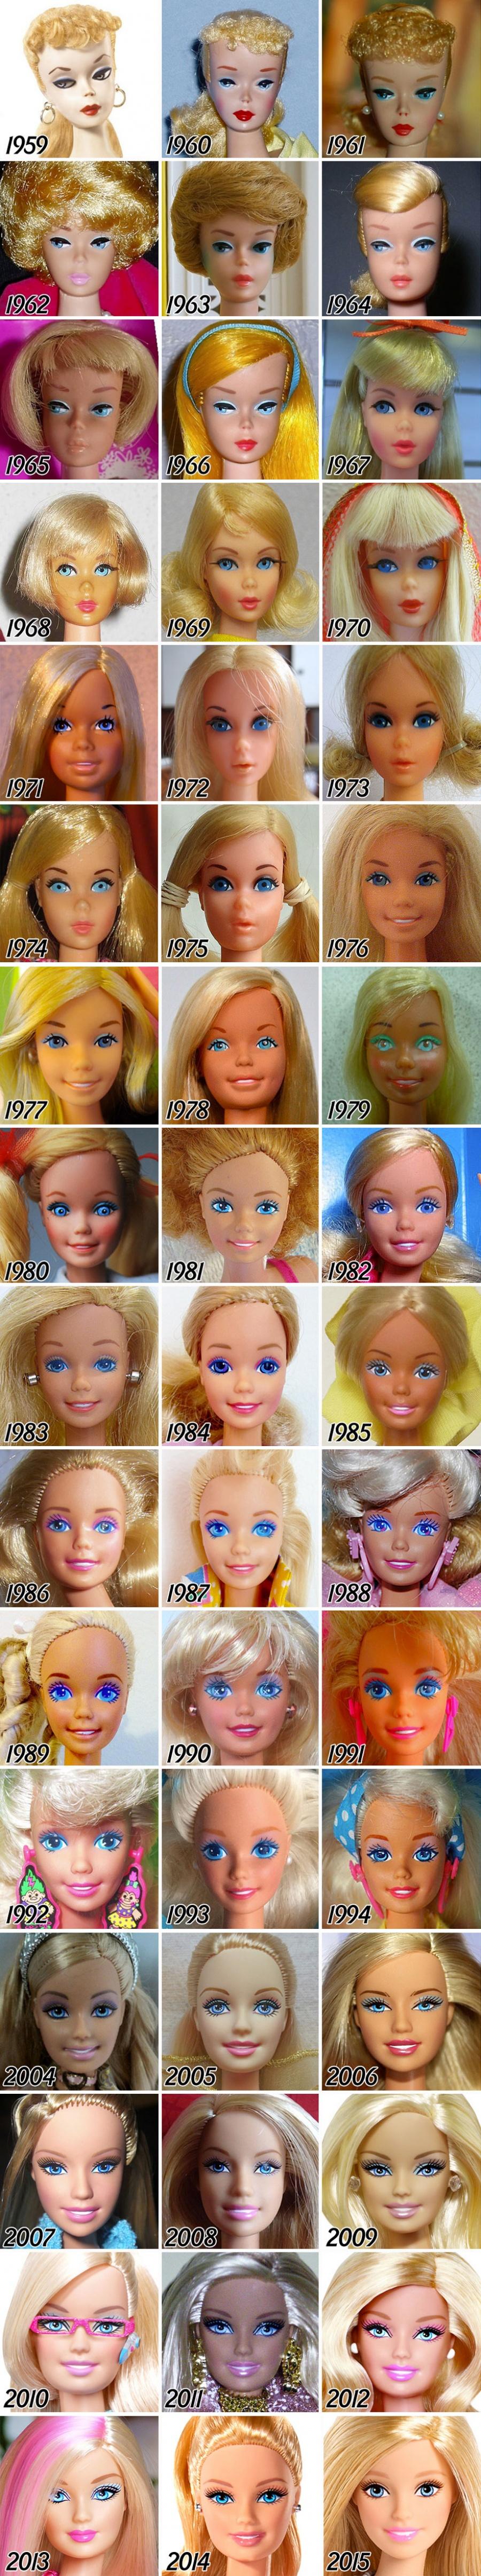 barbike kroz istoriju